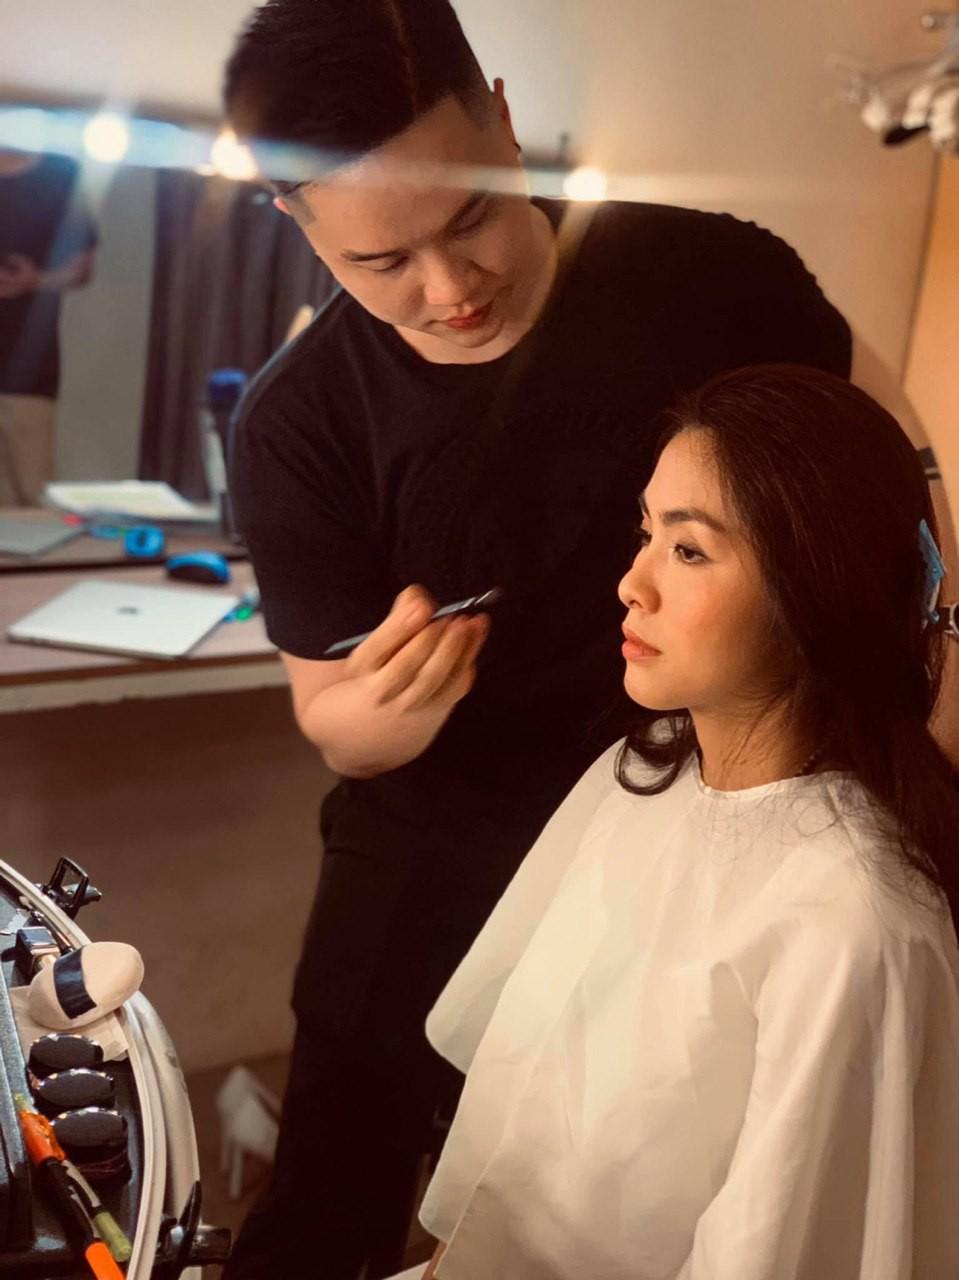 Loạt ảnh hậu trường đẹp xuất sắc của Hà Tăng khiến fan nóng lòng chờ ngày nàng ngọc nữ tái xuất điện ảnh - Ảnh 3.